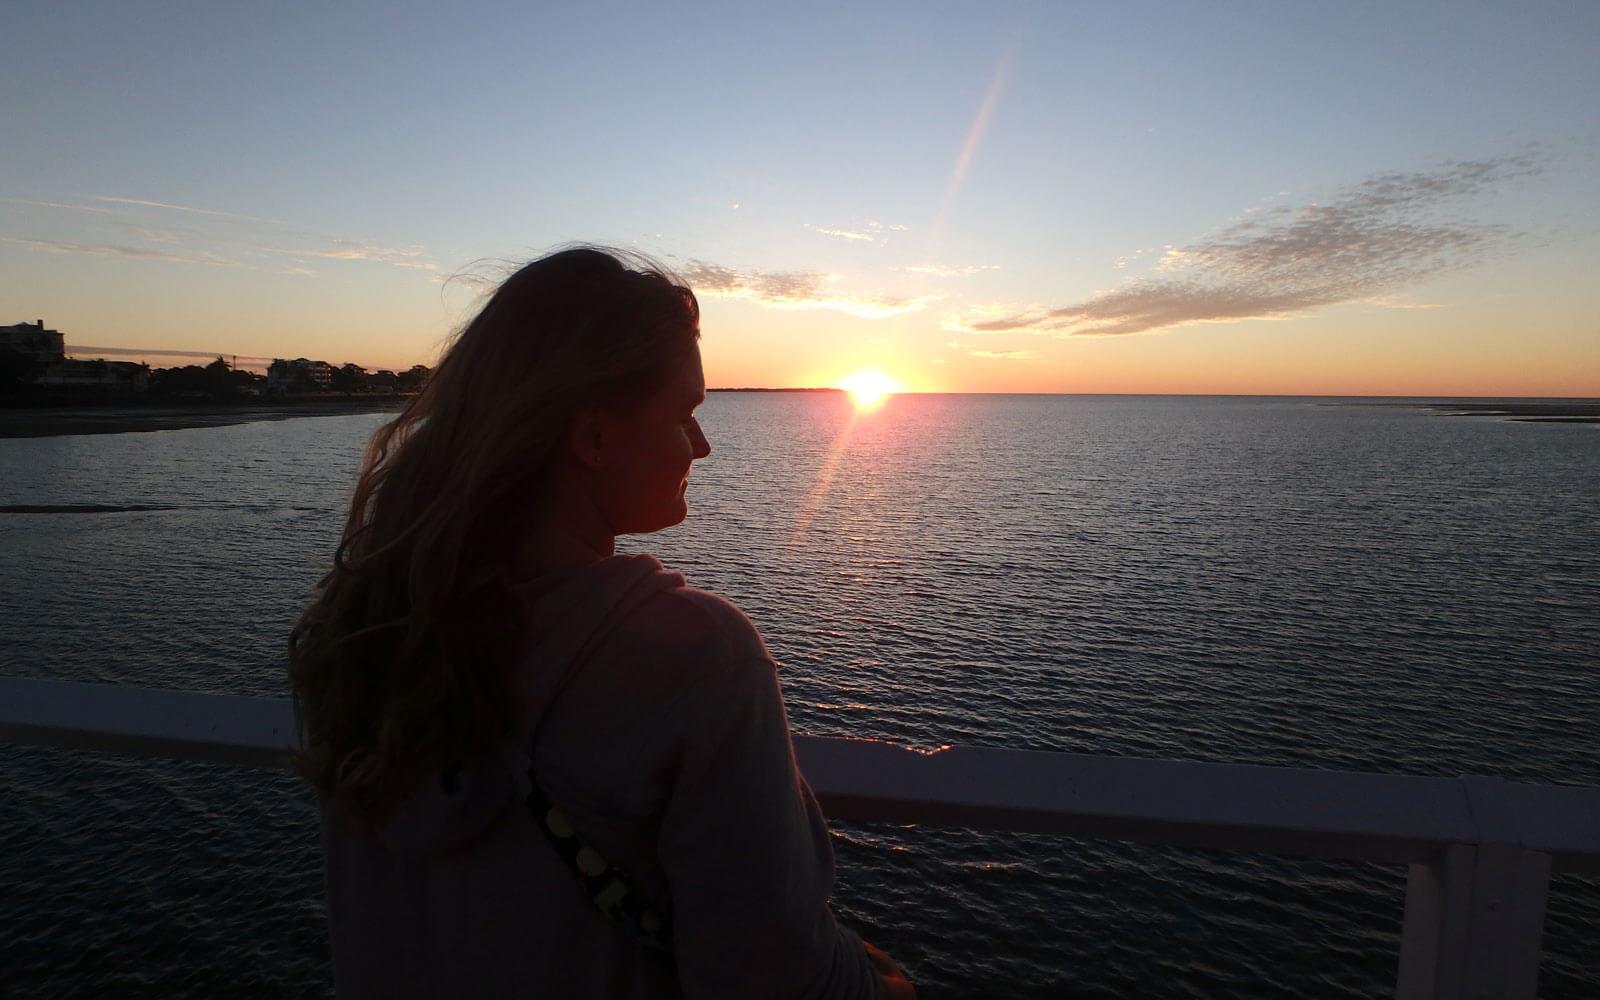 Sonnenuntergang am Meer in Australien